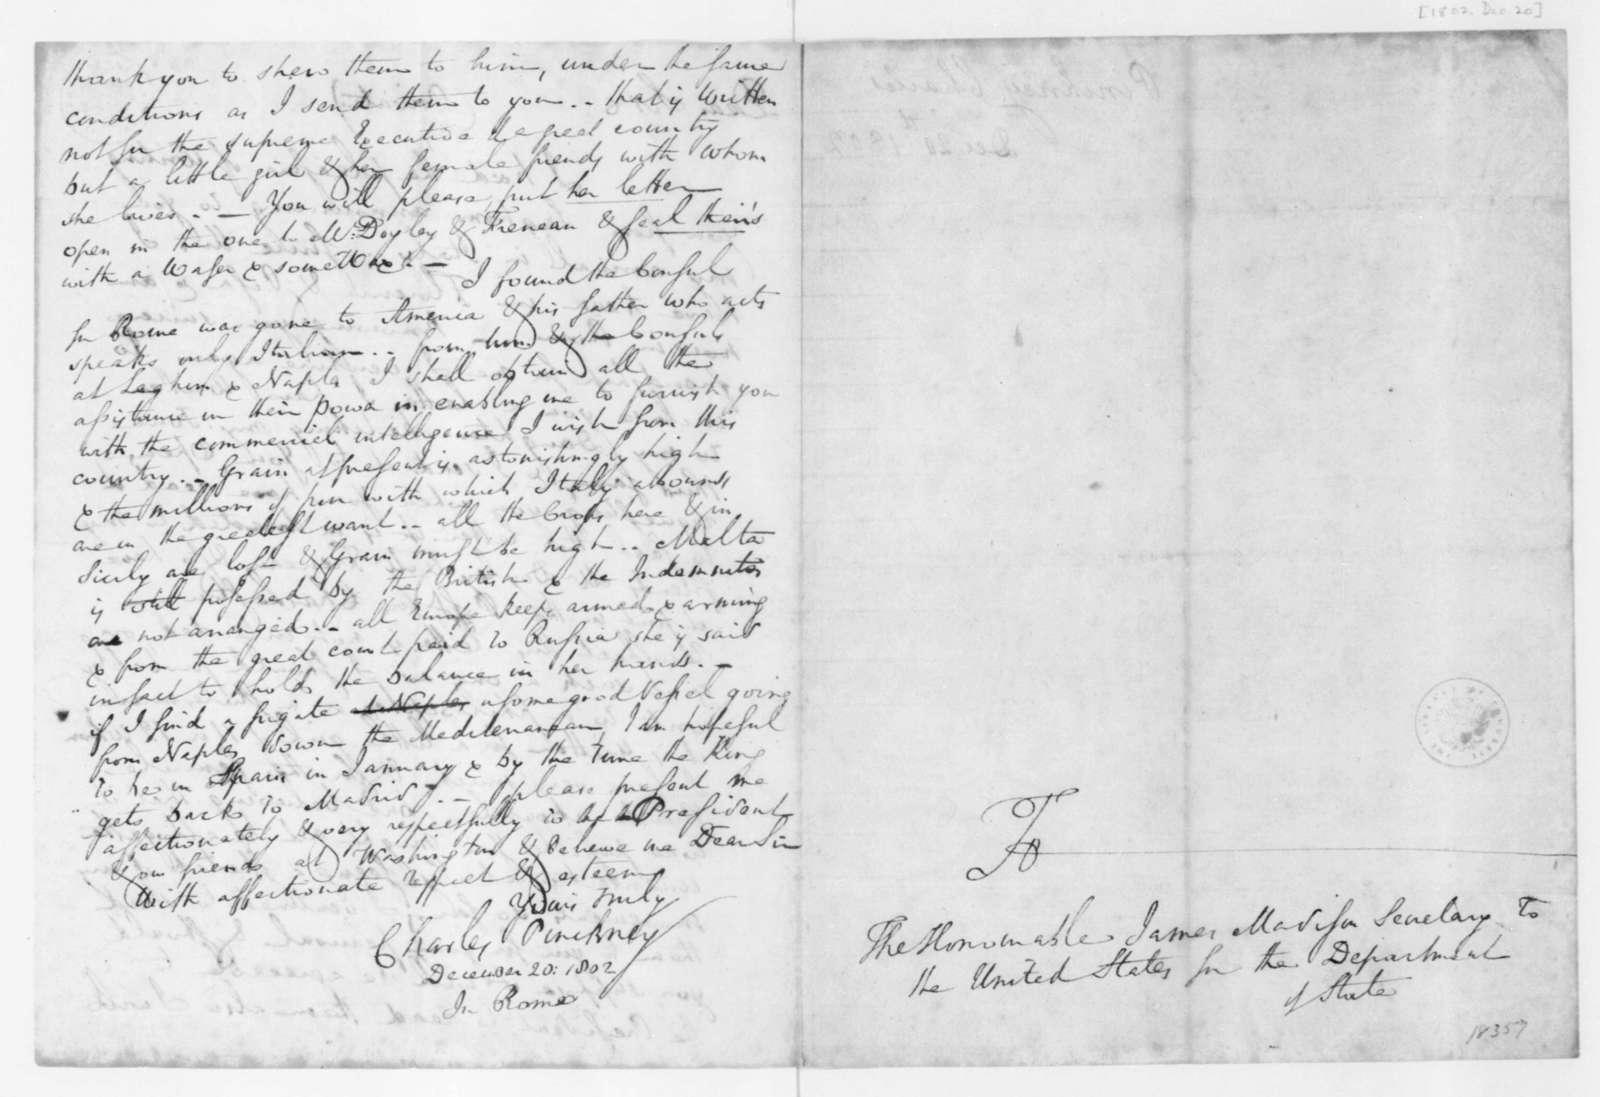 Charles Pinckney to James Madison, December 20, 1802.